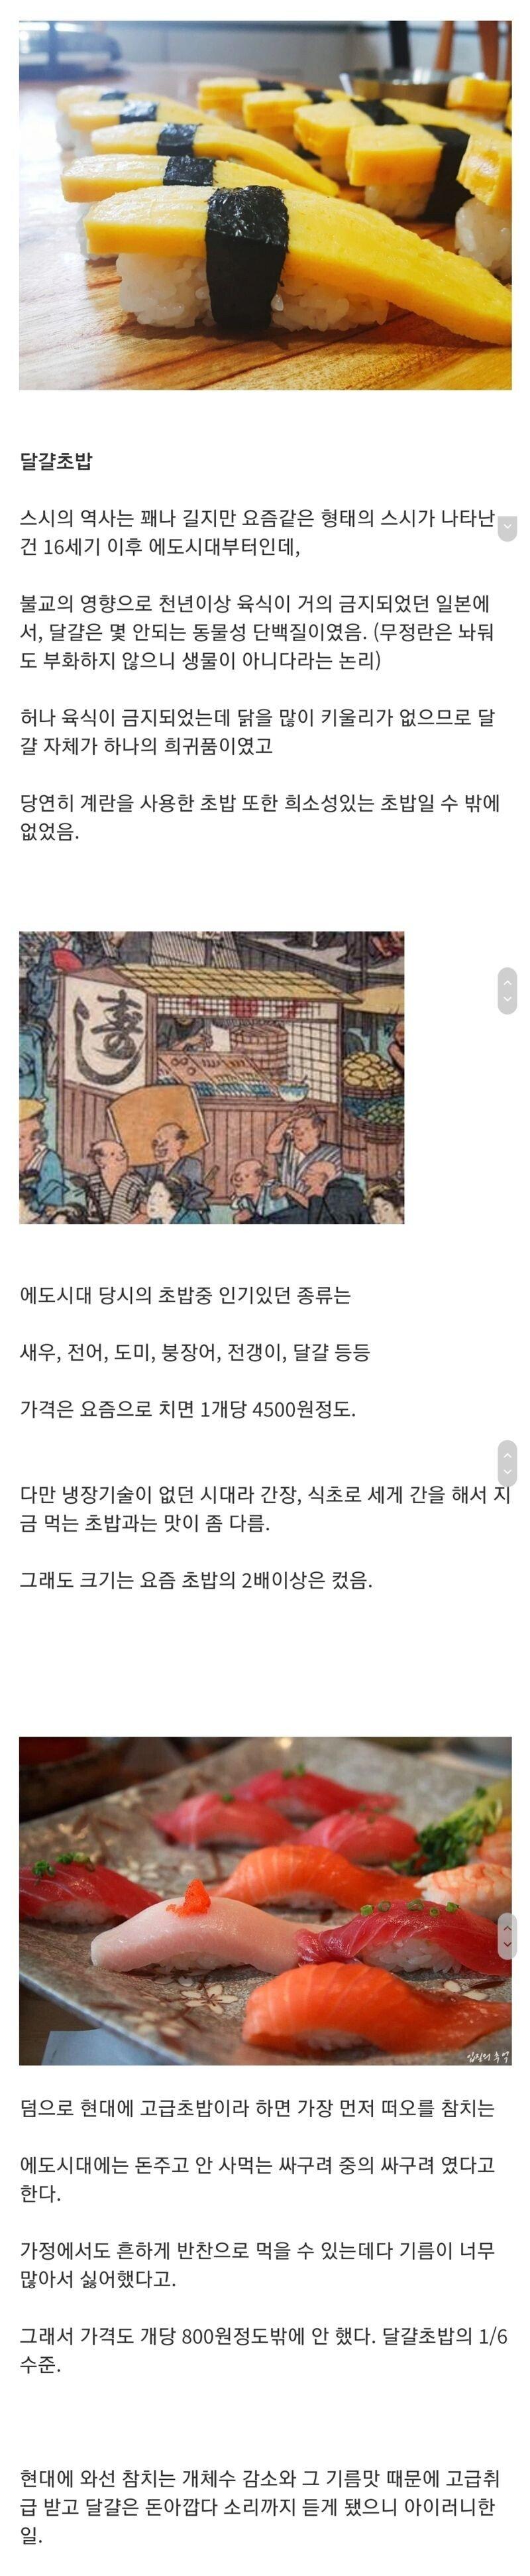 091B03B1-C9DC-45EA-88B6-136D8B333E37.jpeg 옛날에는 고급초밥이었다는 초밥.jpg